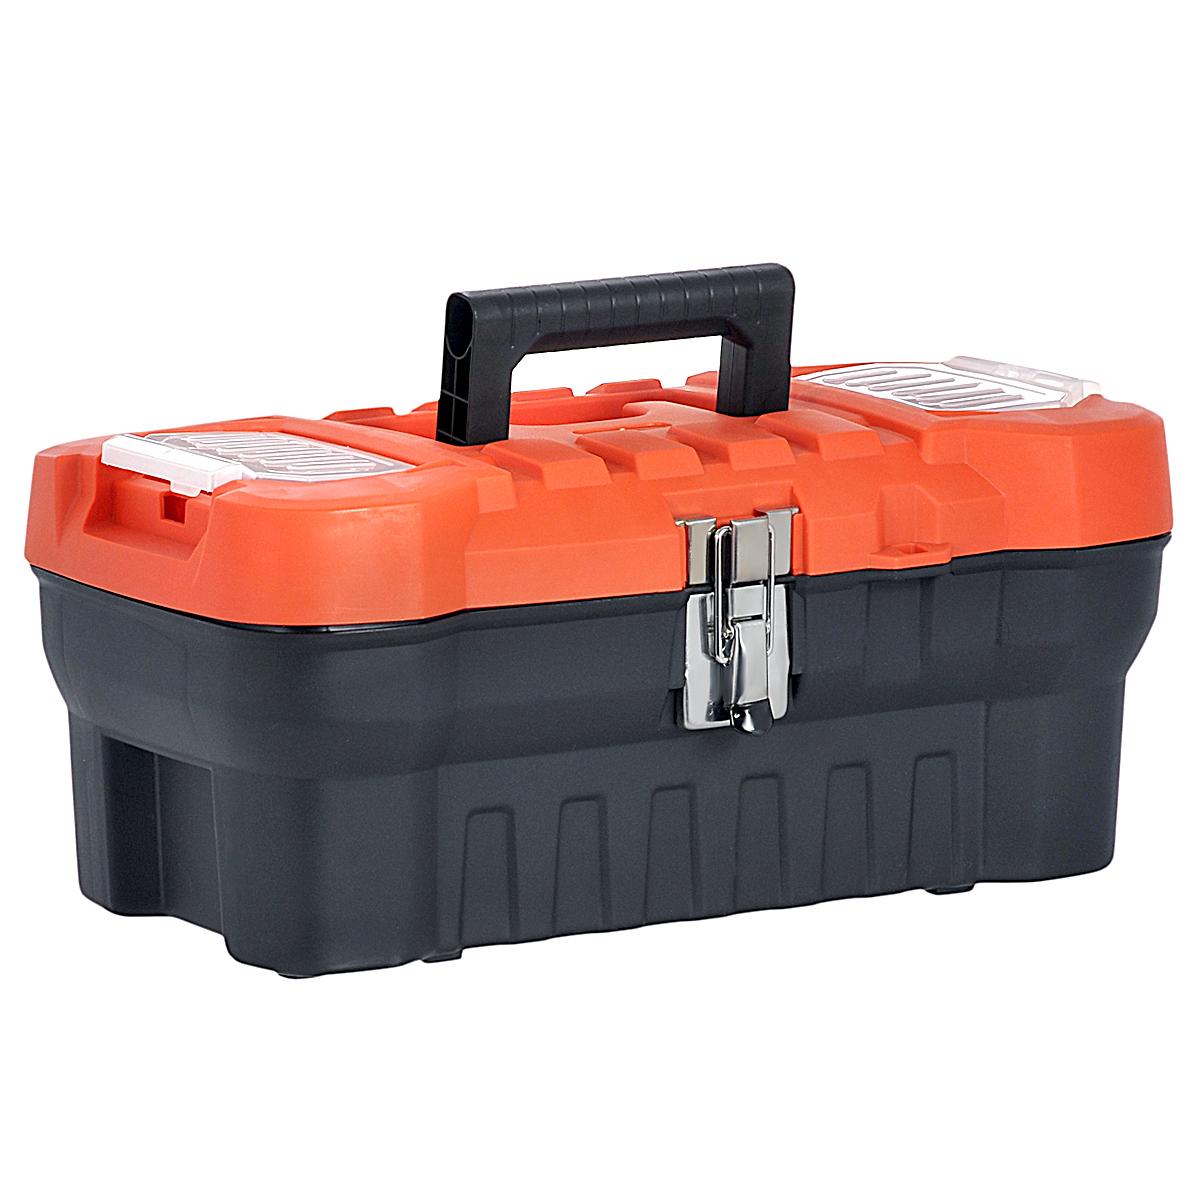 Ящик для инструментов Blocker Expert 16, с органайзером, цвет: черный, оранжевый, 41 х 21 х 17,5 см защитный чехол для песочниц paremo